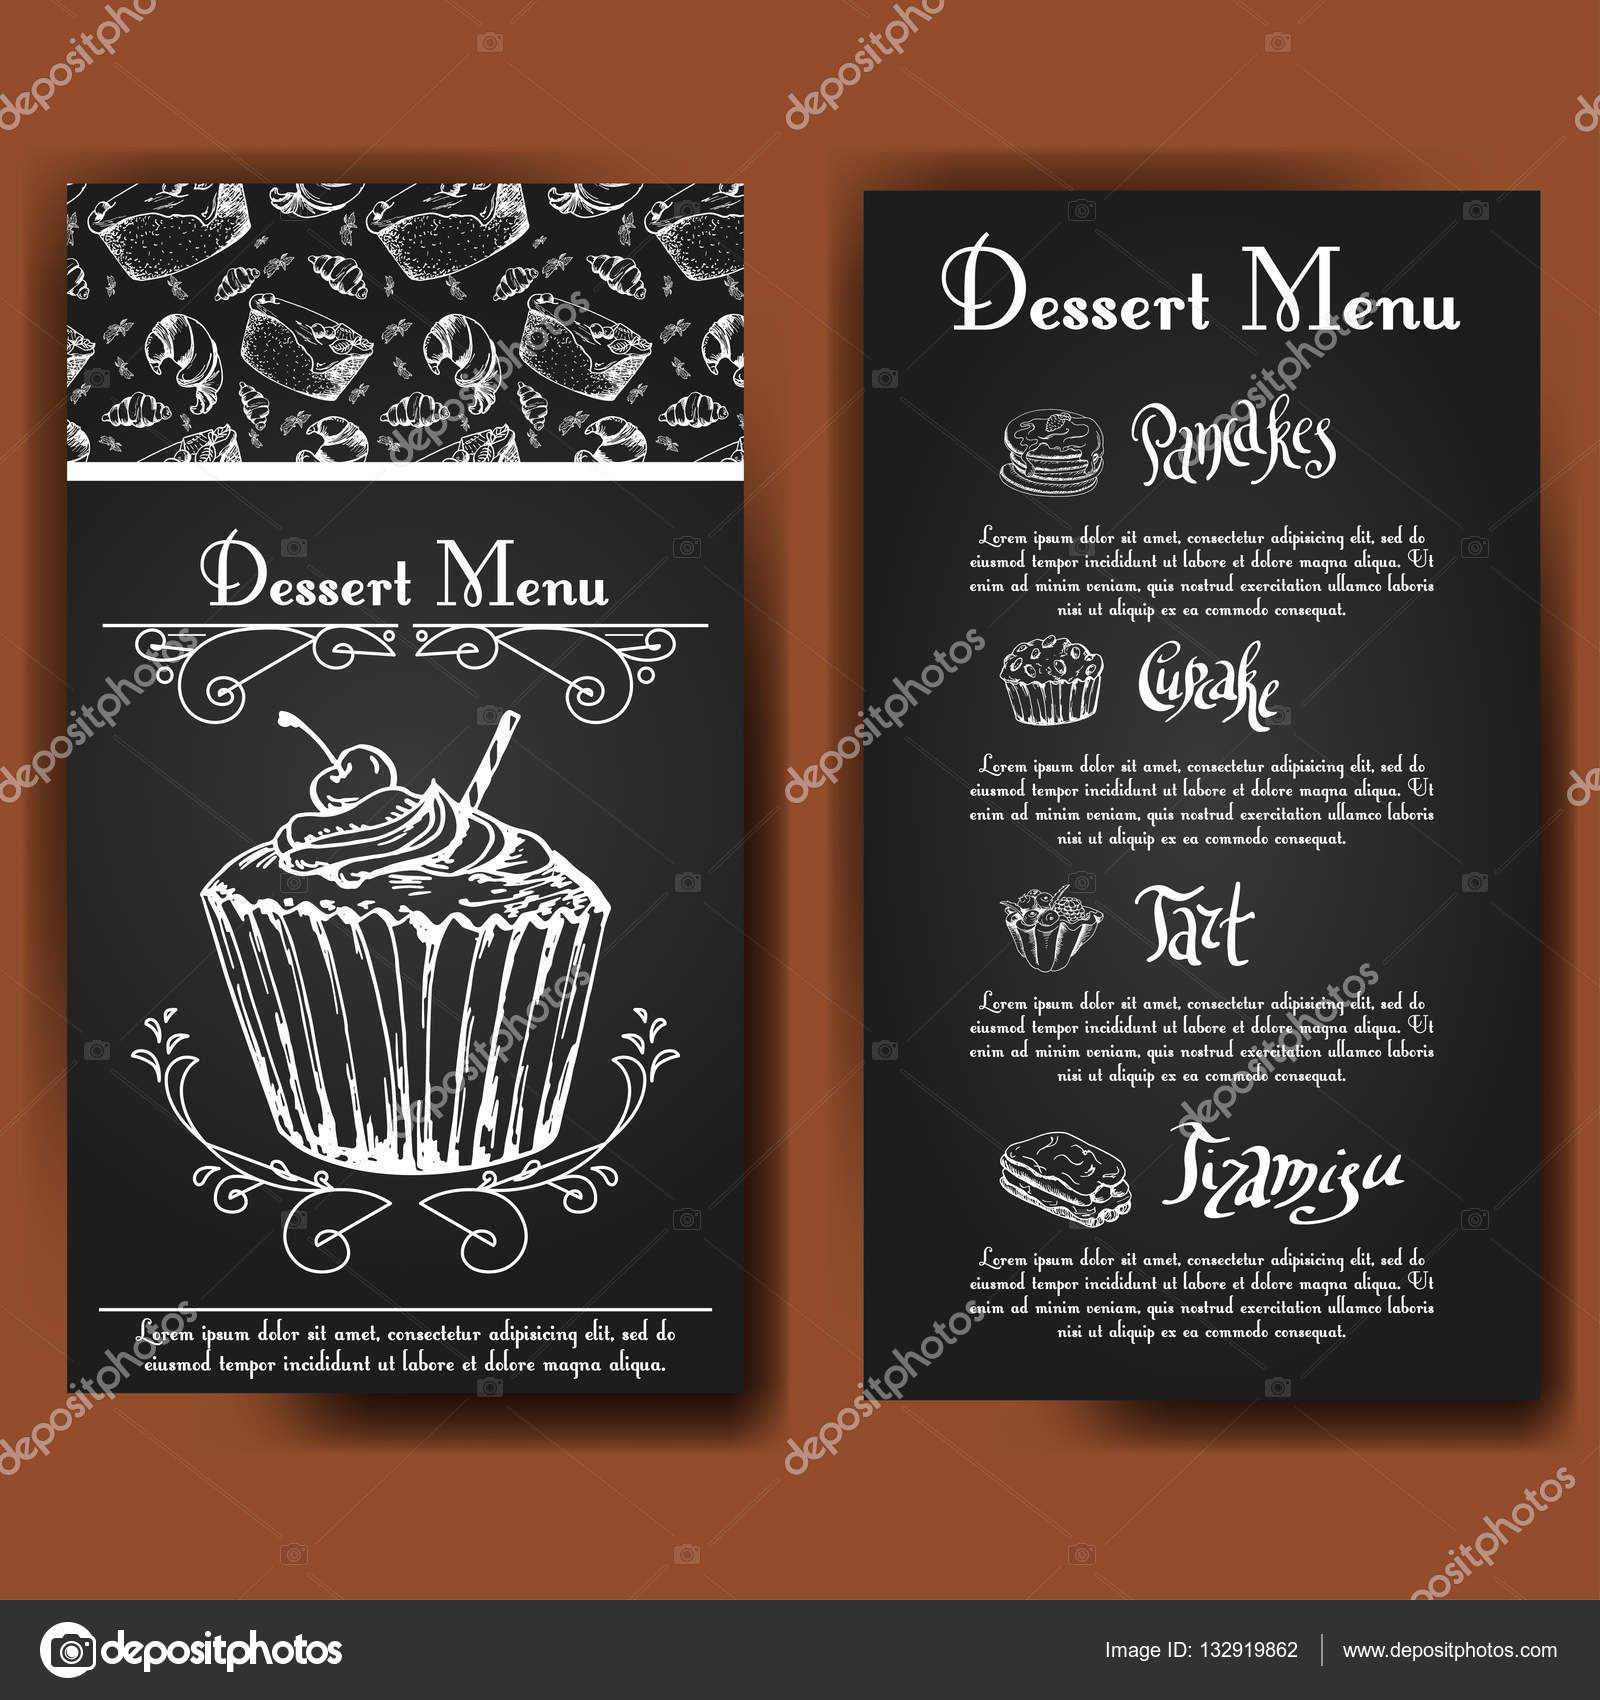 Vektor-Illustration. Bäckerei-Entwurf. Schöne Karte mit dekorativen ...